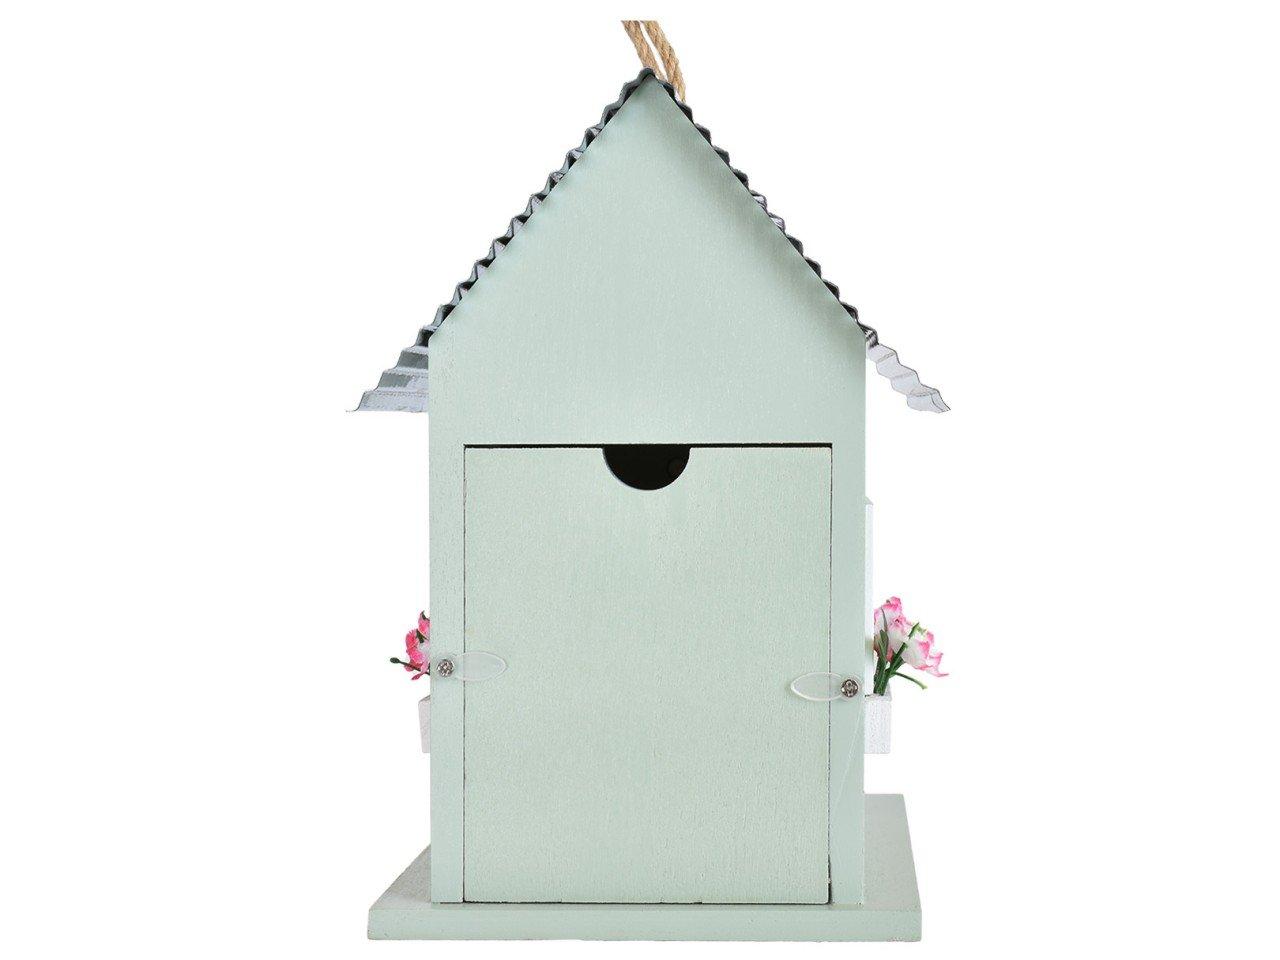 Casa para Pajaritos color Azul Cielo